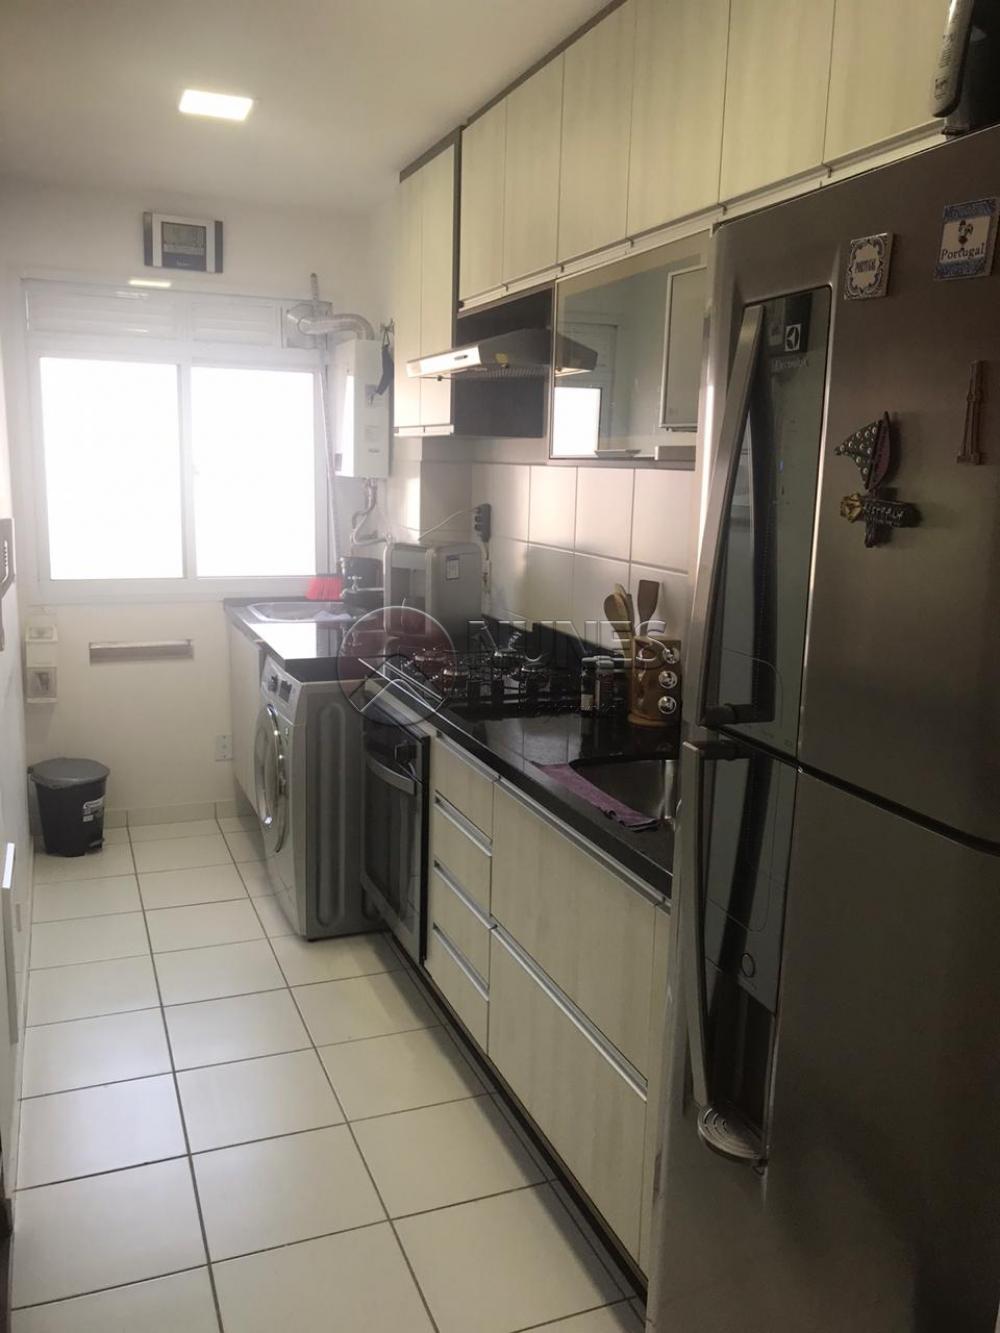 Comprar Apartamento / Padrão em Jundiaí apenas R$ 280.000,00 - Foto 5